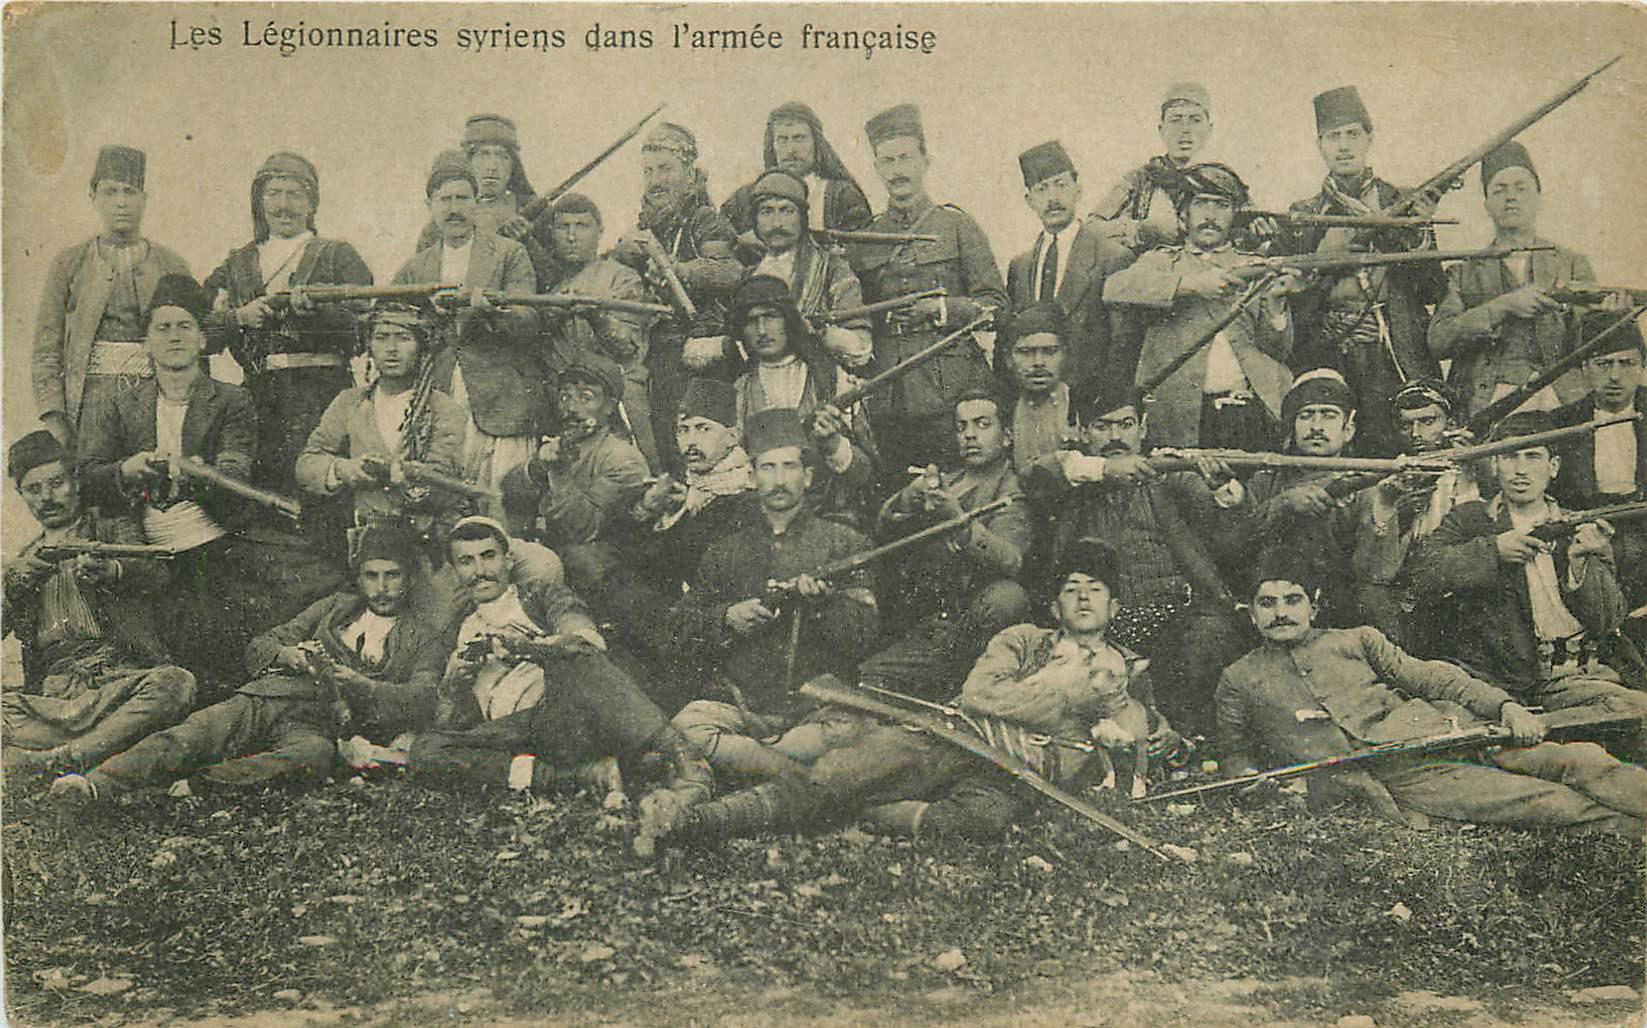 WW ALEP. Les Légionnaires Syriens dans l'Armée Française 1922 Légion étrangère